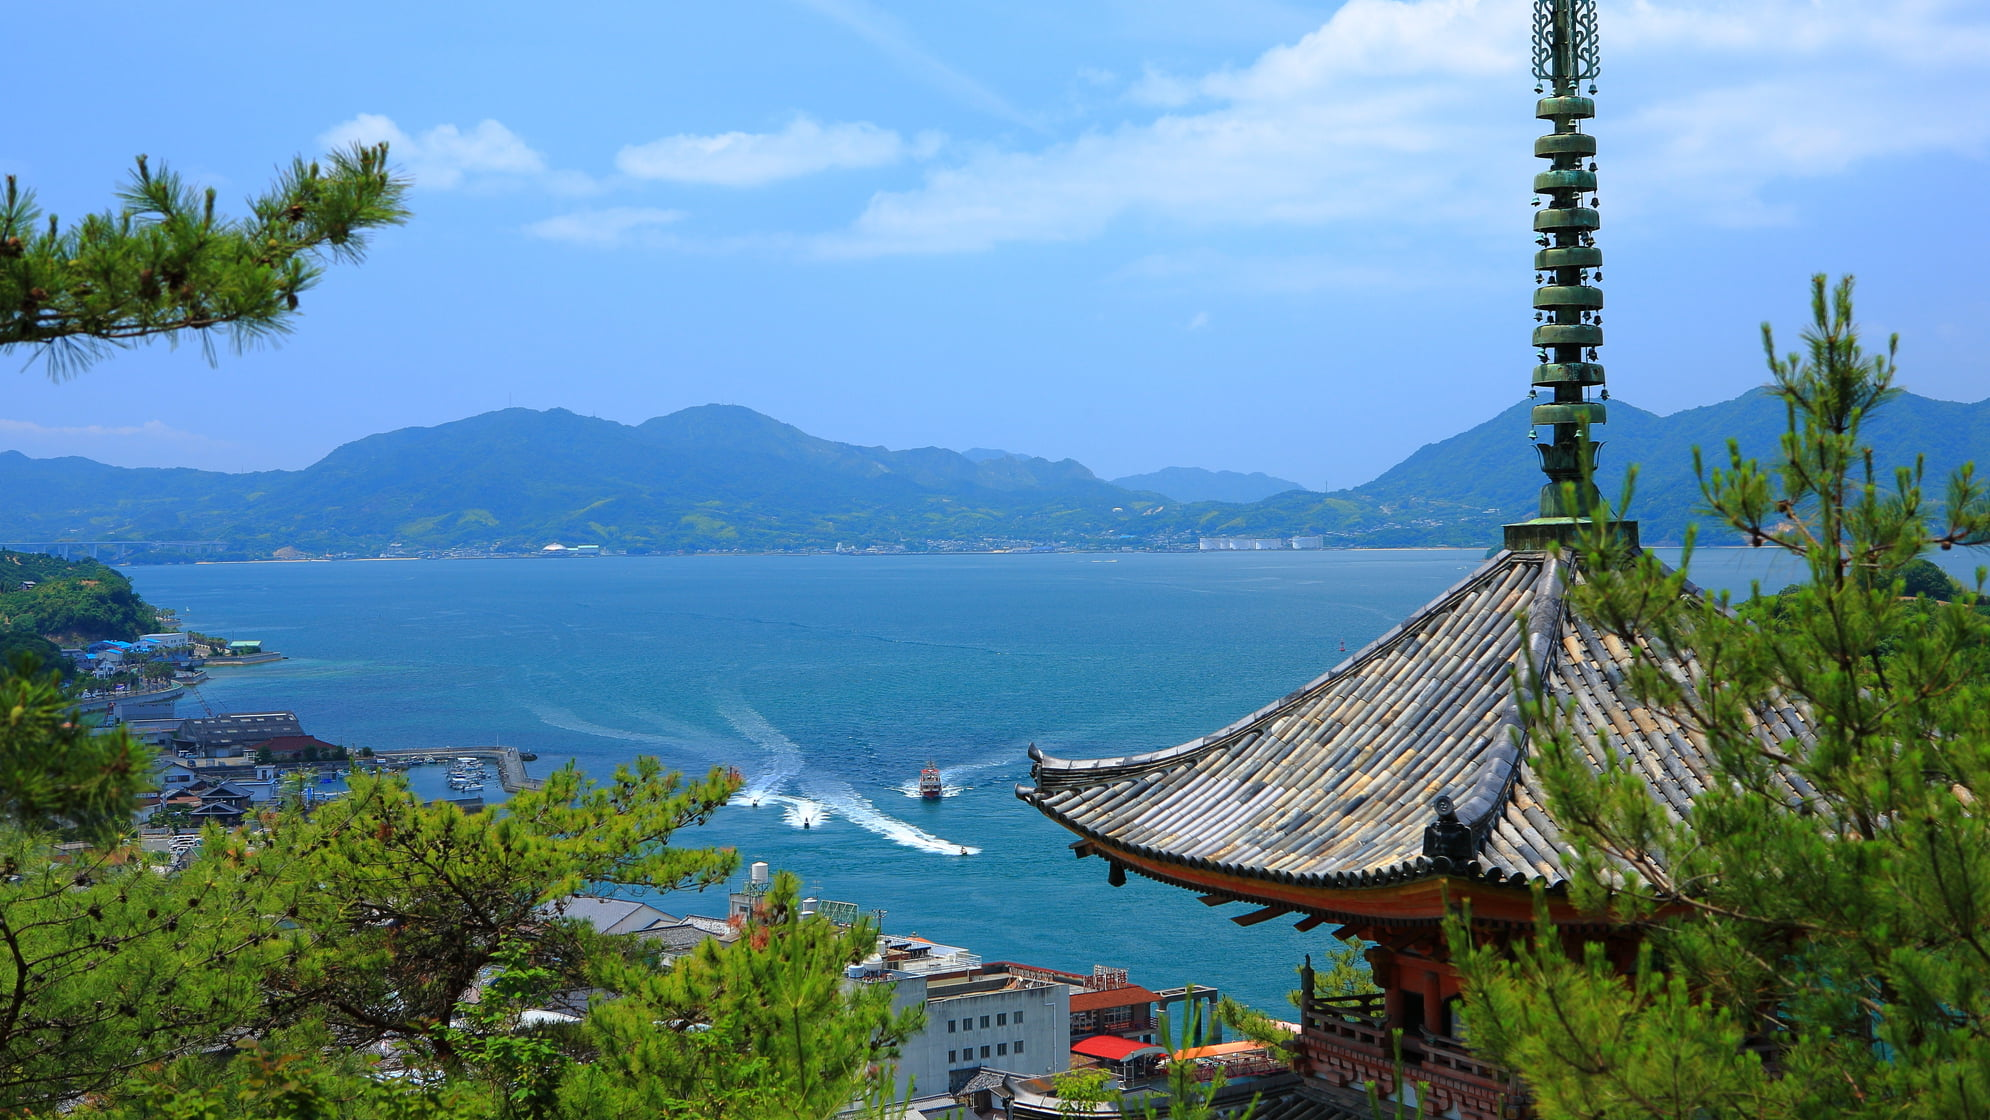 神の島と呼ばれた尾道市生口島は、耕三寺など見所満載の観光スポット